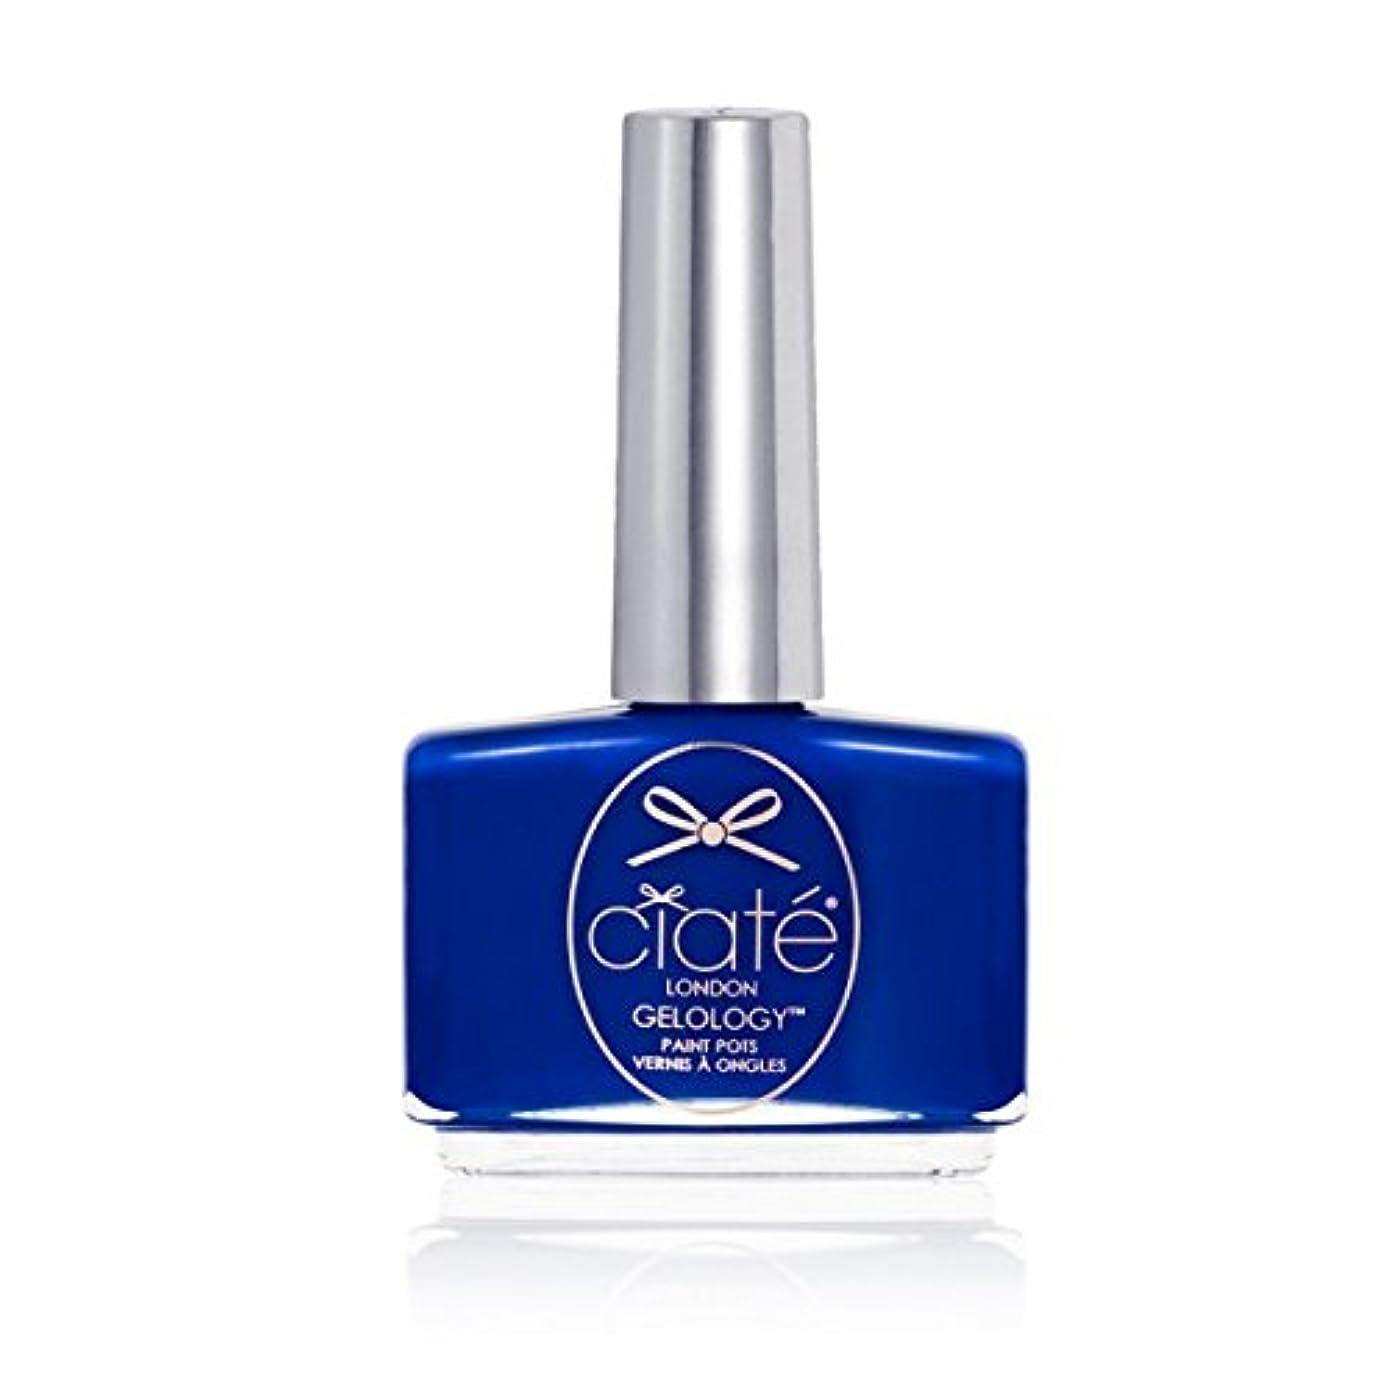 インフルエンザちょうつがいステートメント[ciate] [シアテロンドン ] ジェルロジープールパーティー(カラー:マリンブルー)-GELOLOGY-POOL PARTY シアテロンドン ジェルポリッシュ 色:マリンブルー ネイルカラー系統:ブルー(青)